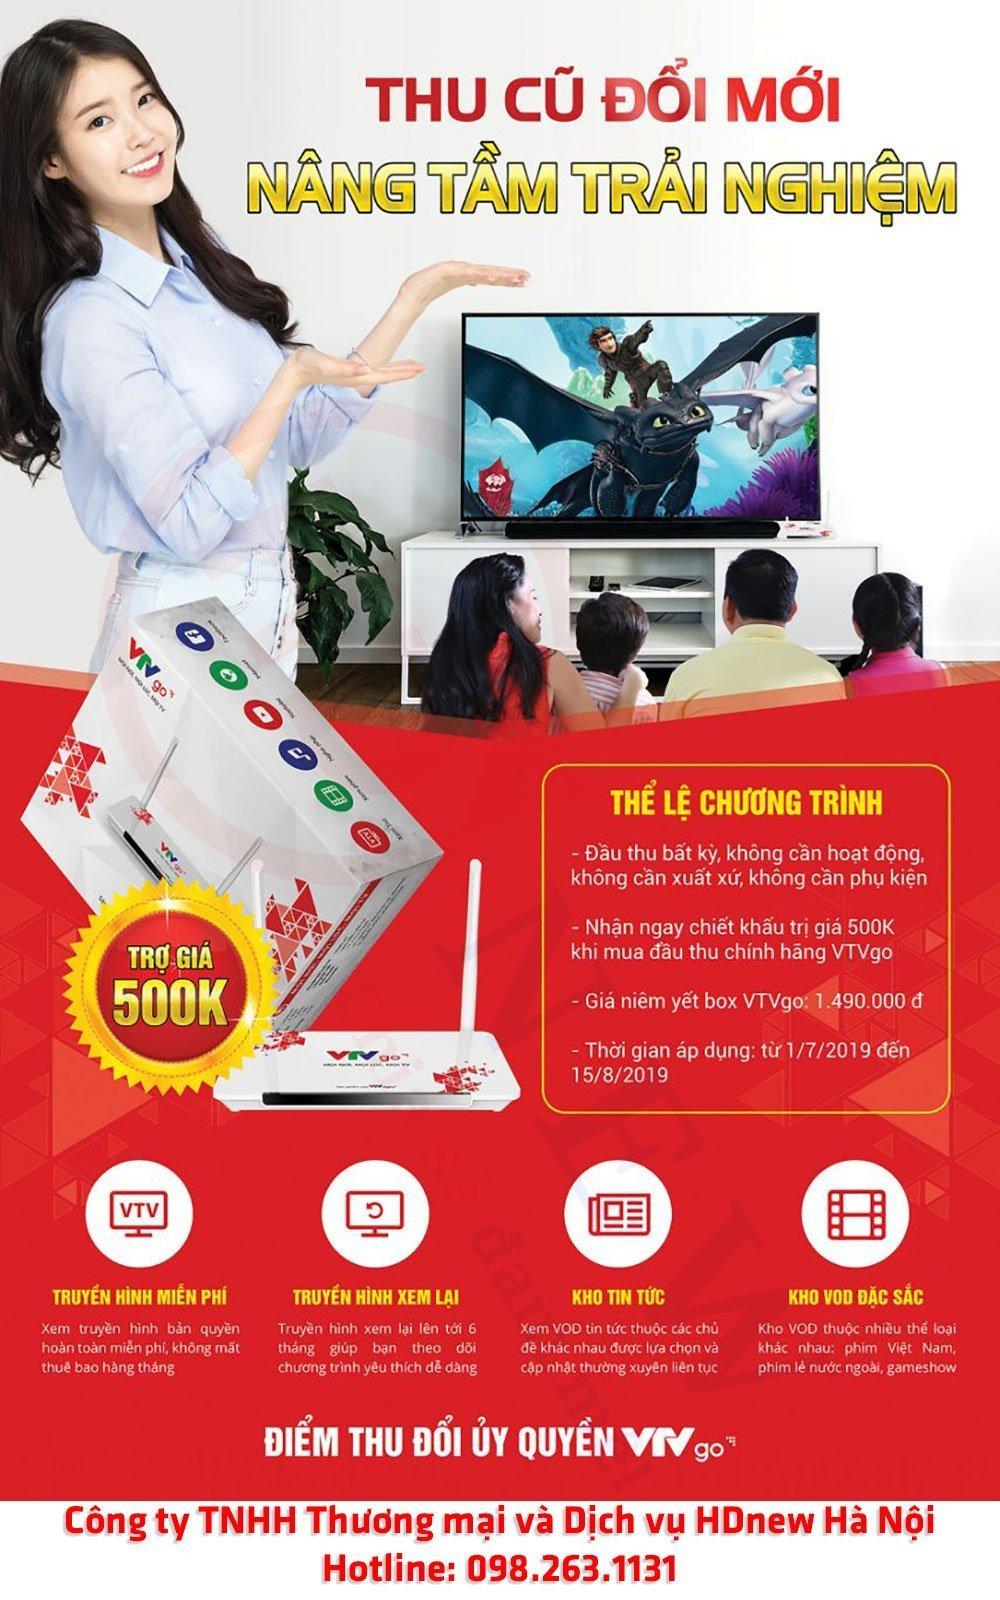 Thu cũ đổi mới, nâng tầm trải nghiệm cùng VTVGo   HDnew - Chia sẻ đam mê